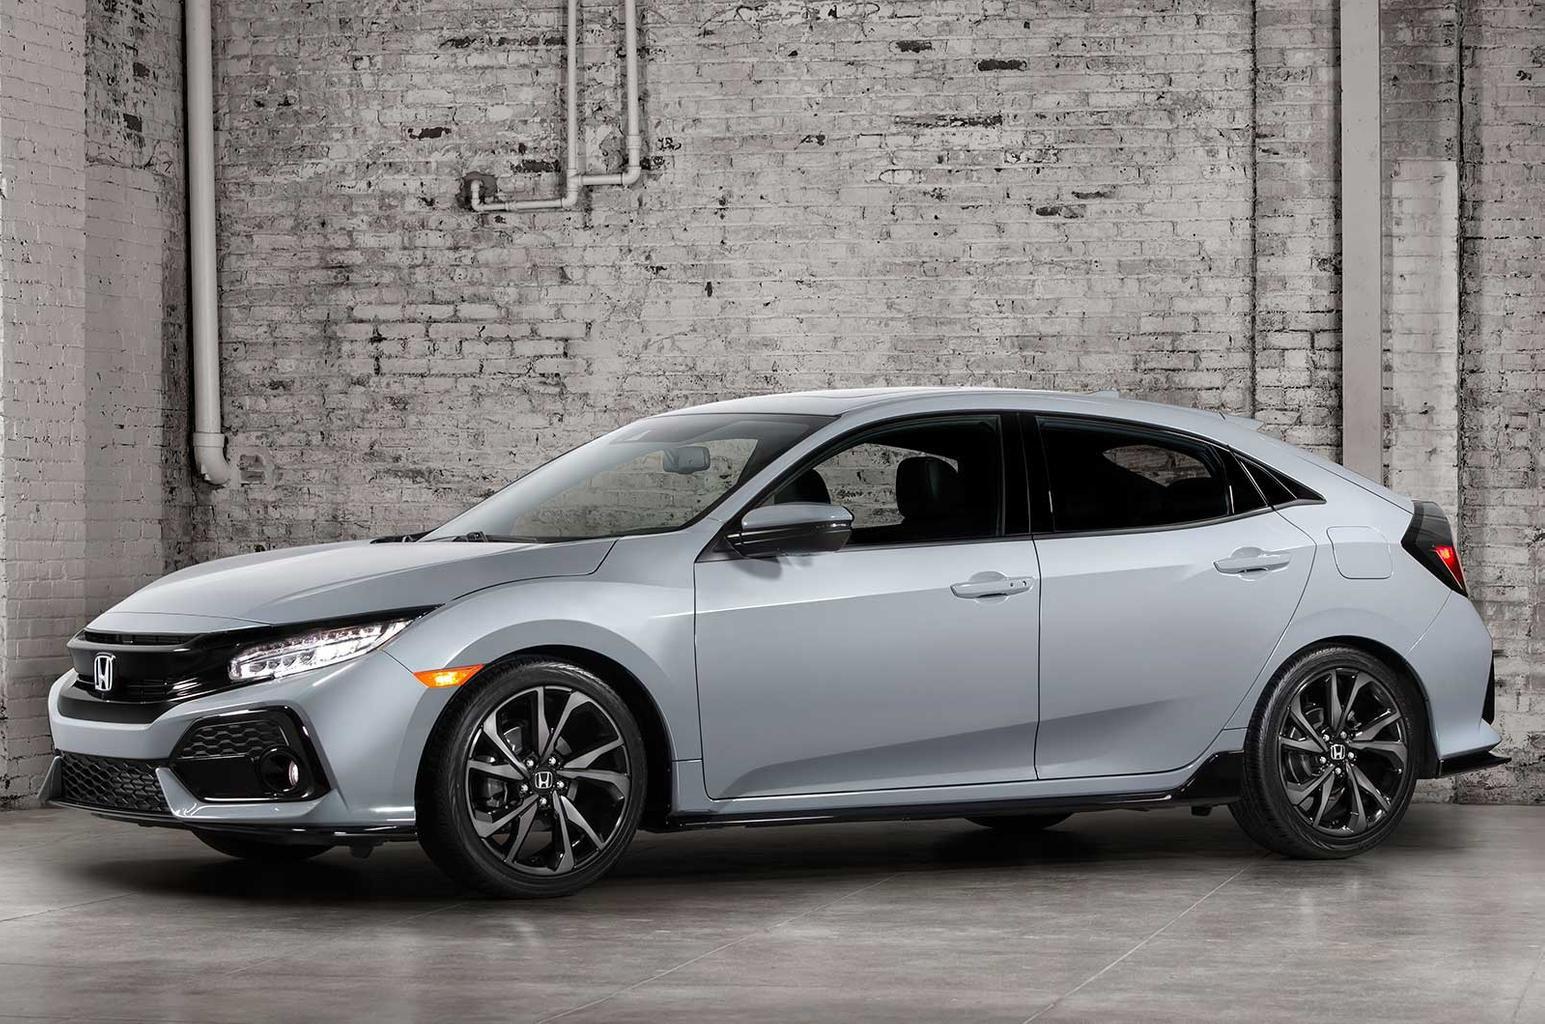 2017 Honda Civic revealed